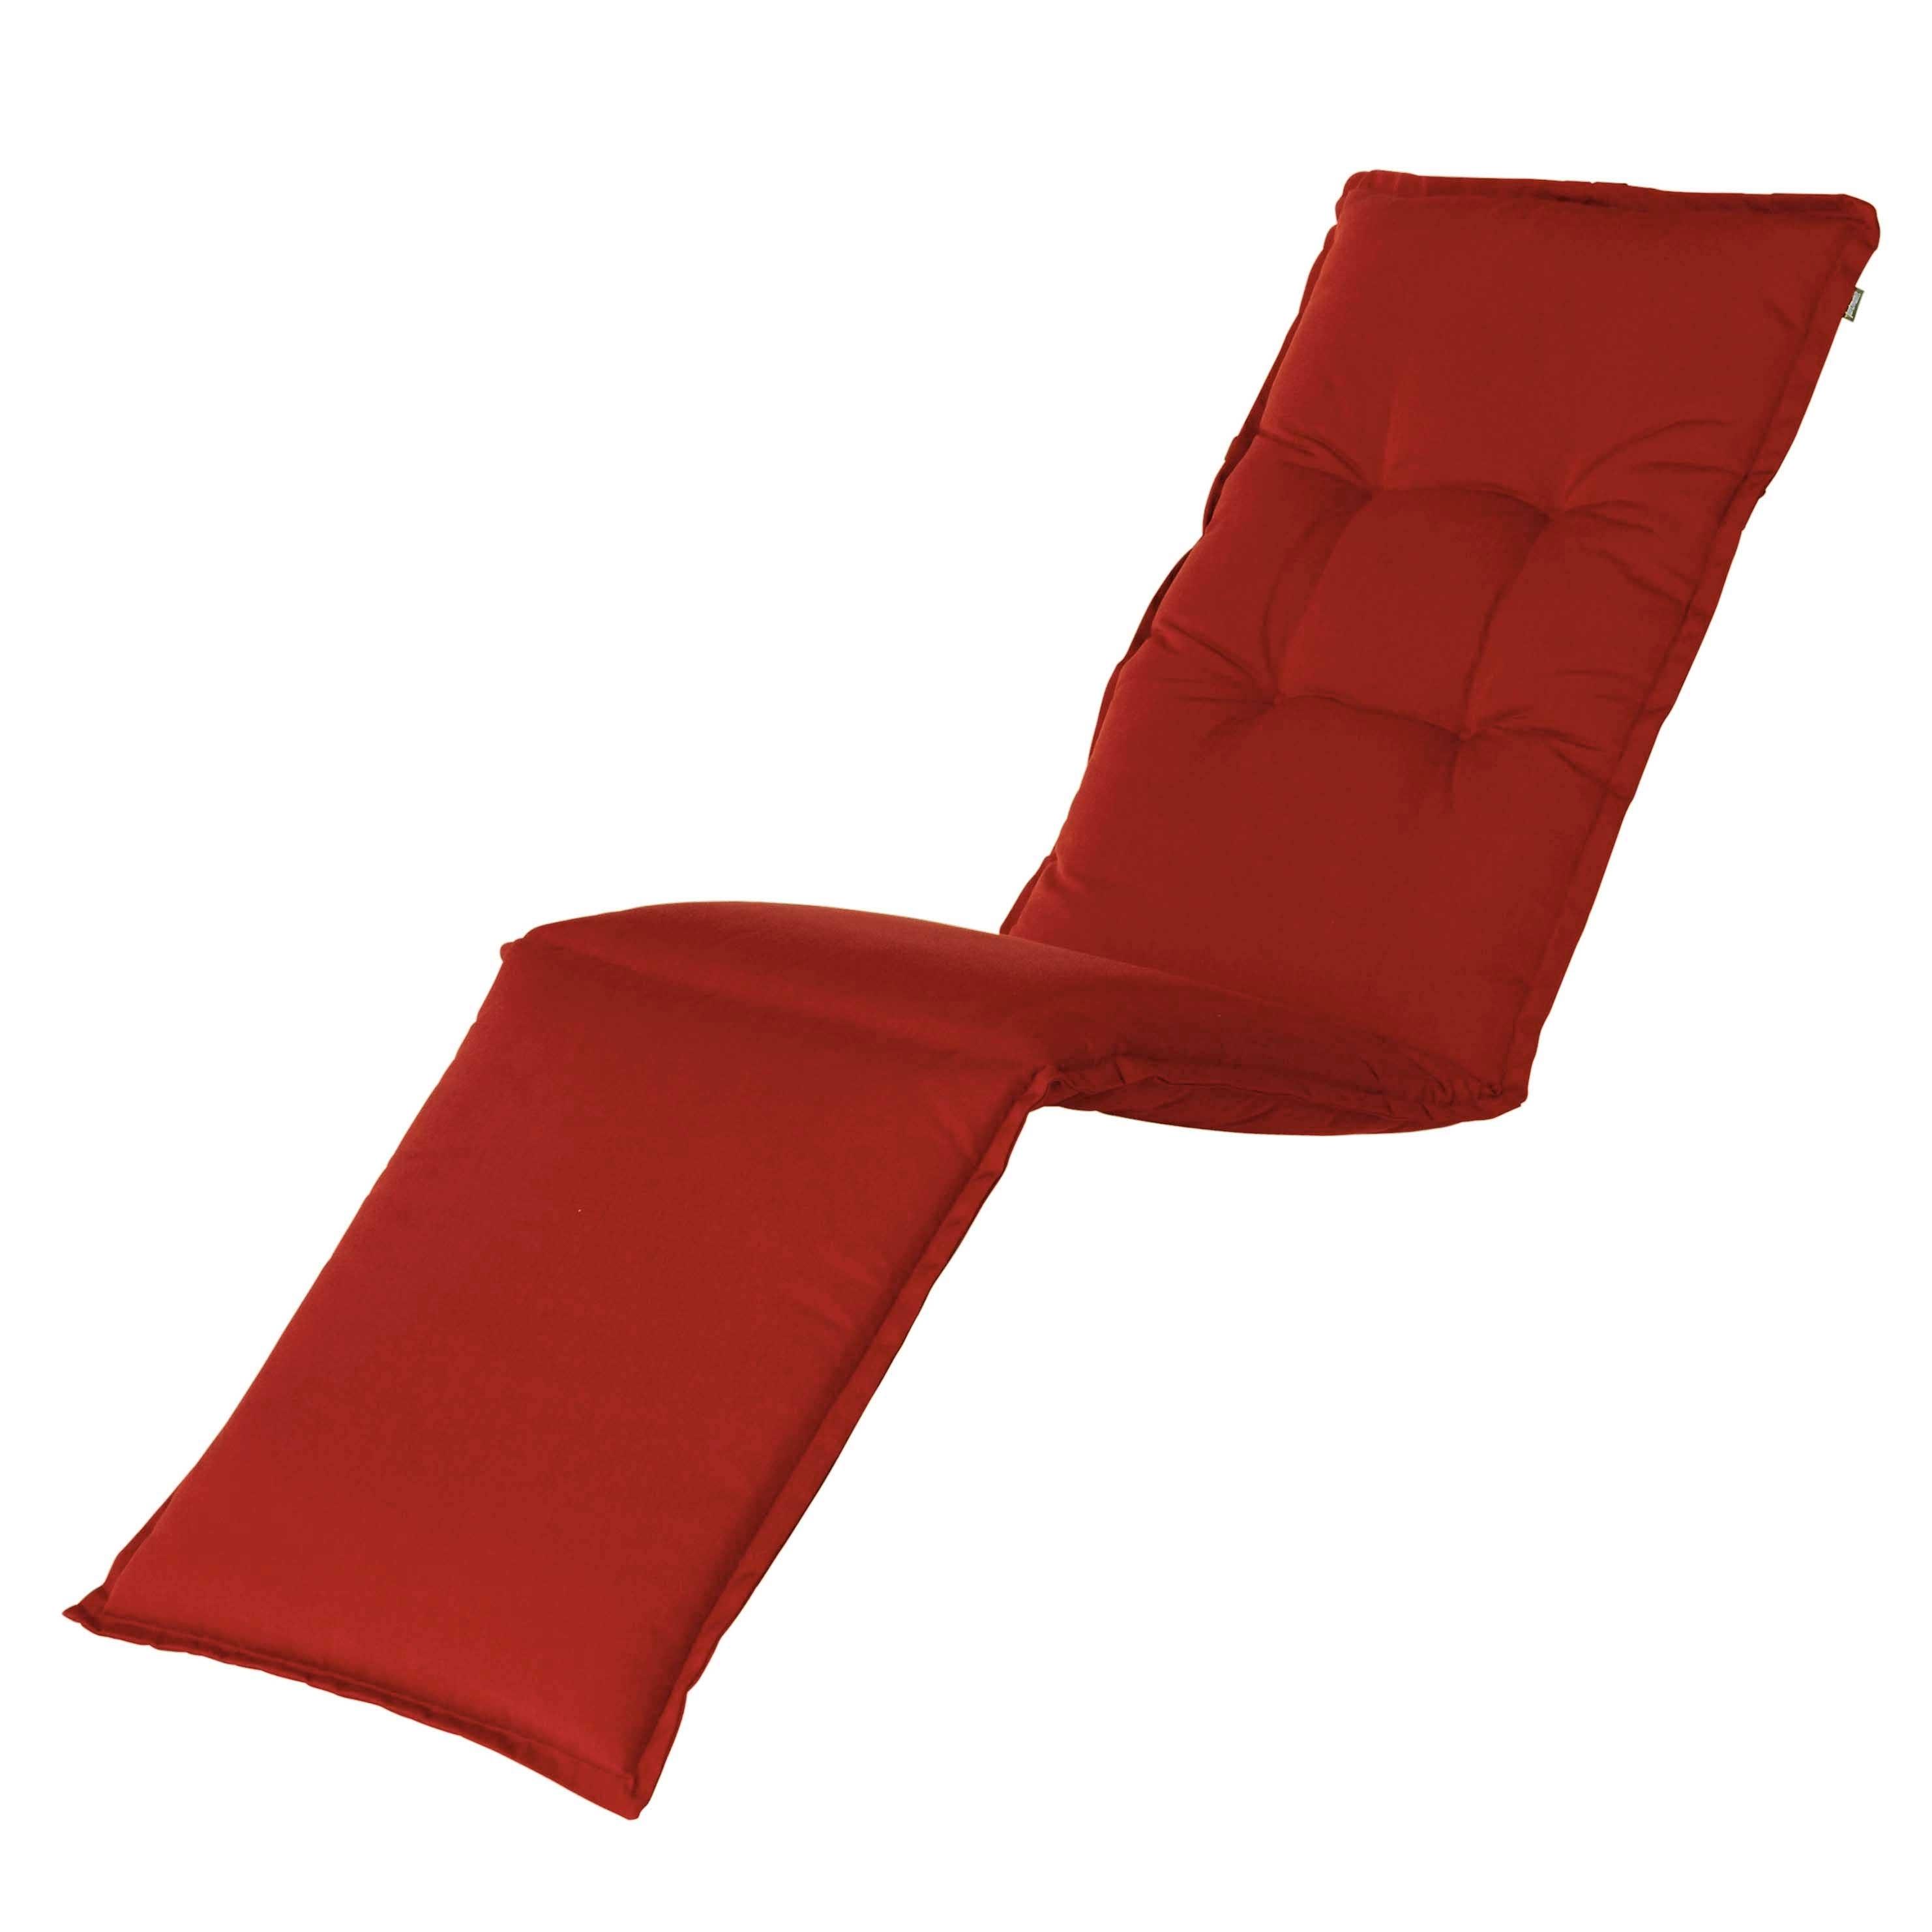 Auflage Deckchair - Havana Rot